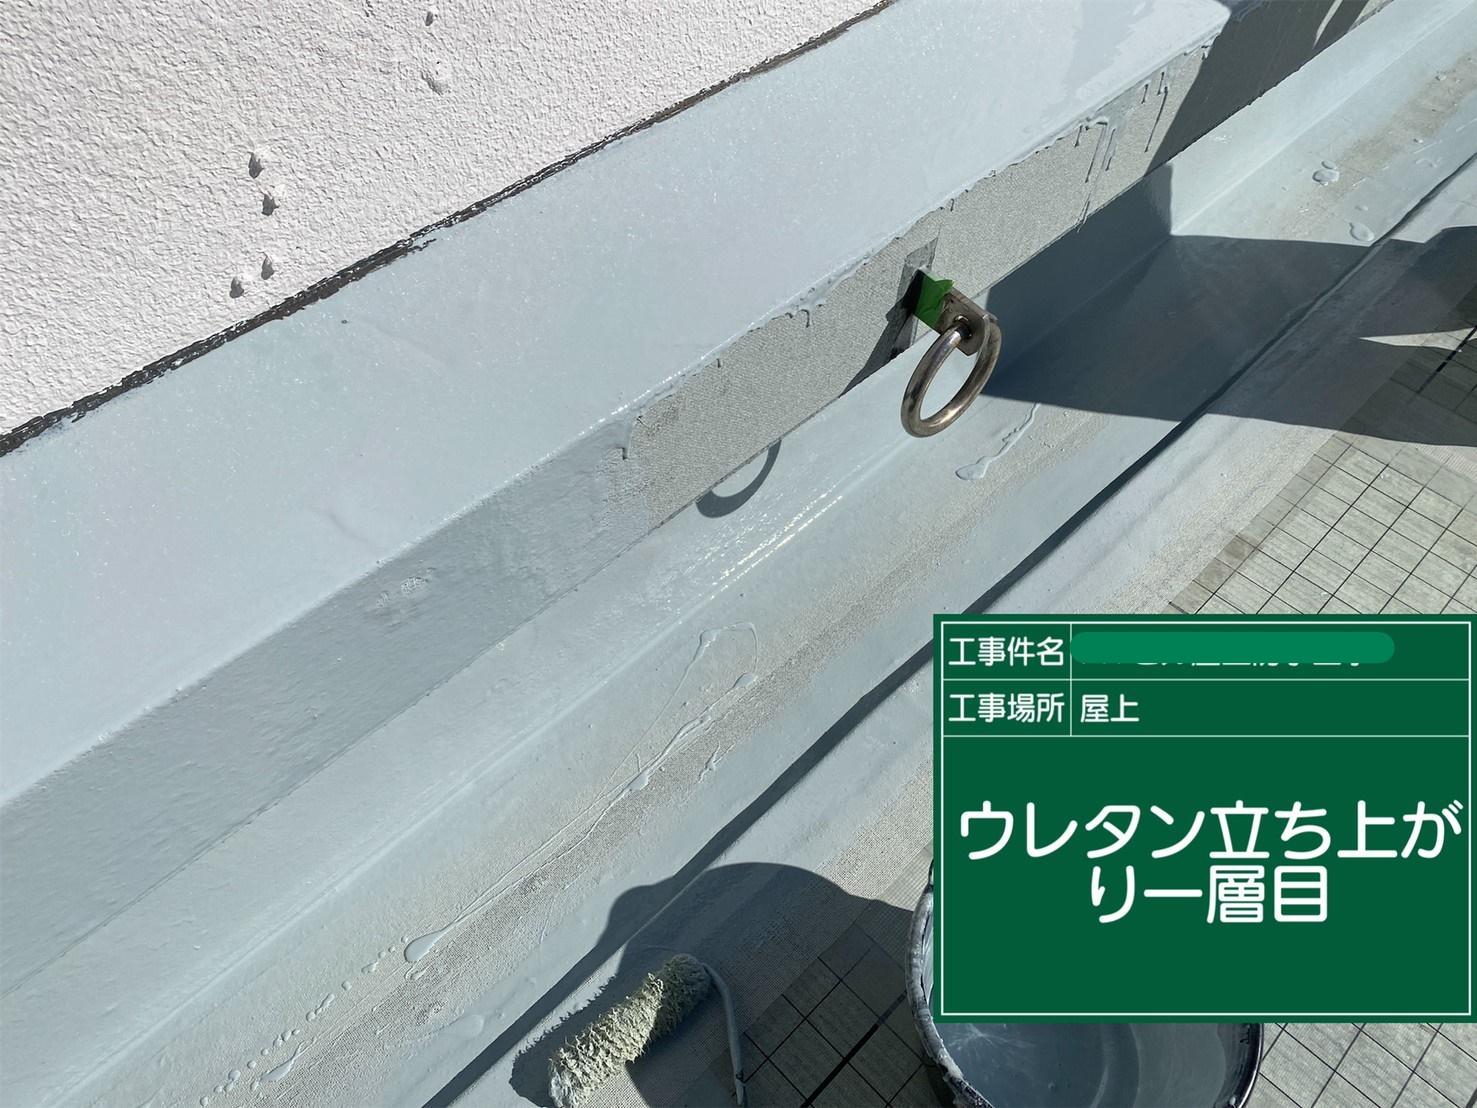 ⑩立上りウレタン1層目塗布